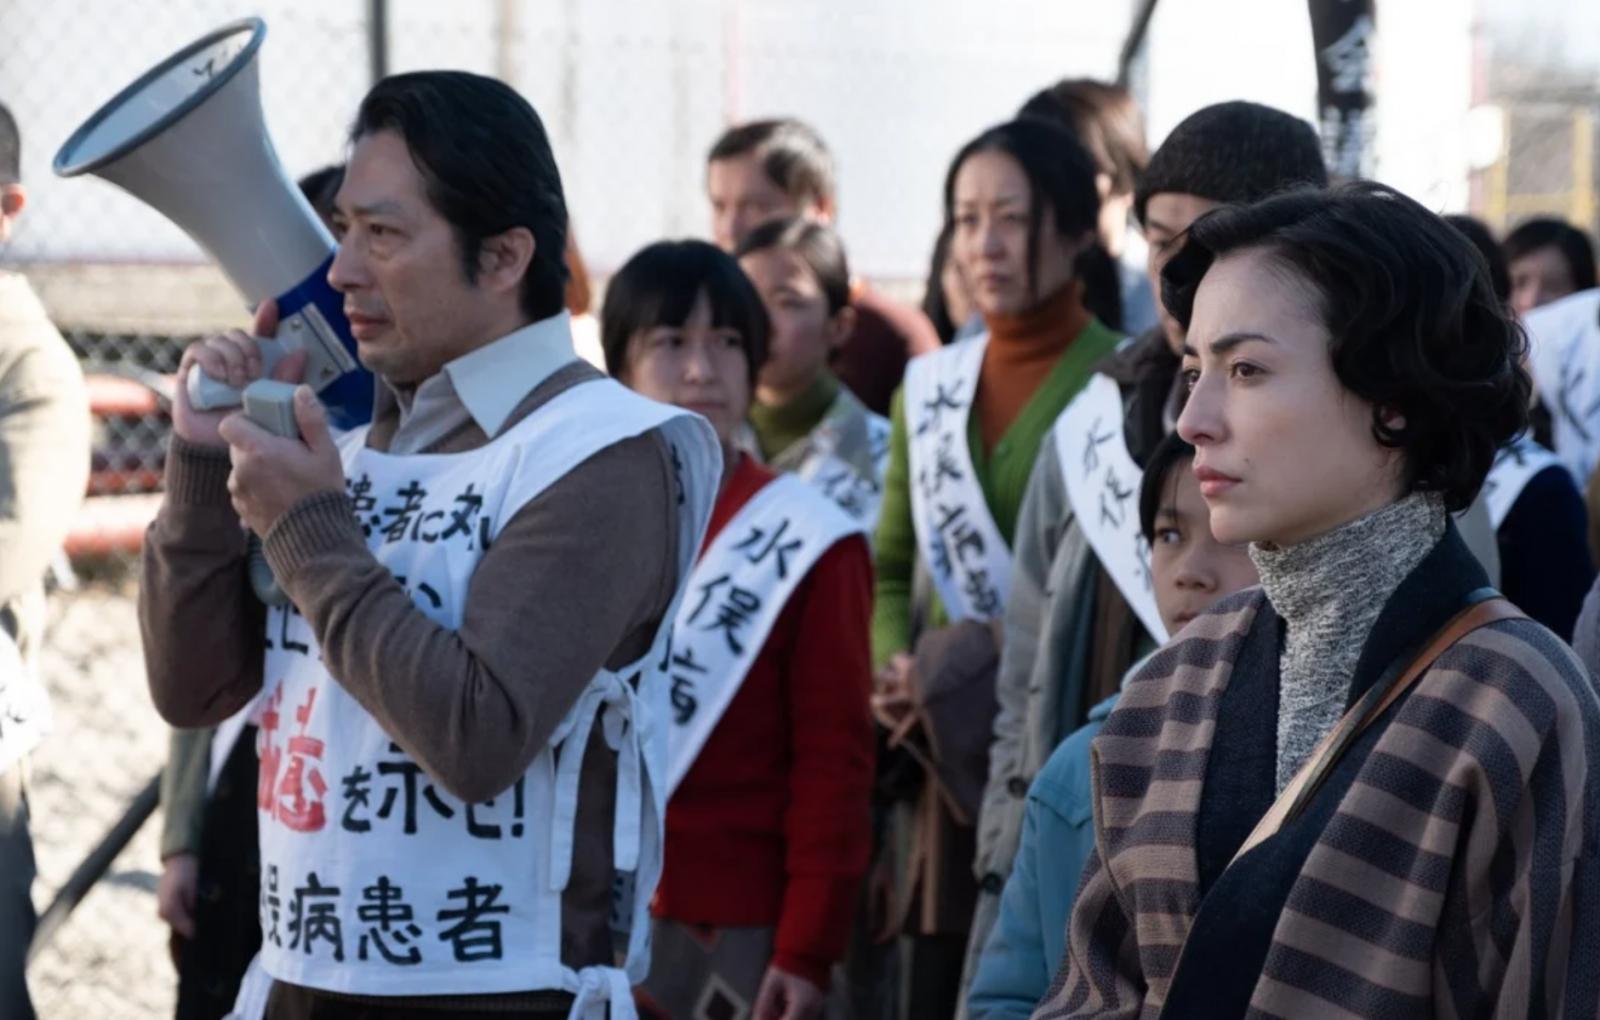 Phim về thảm họa ngộ độc thủy ngân gây tranh cãi tại Nhật Bản